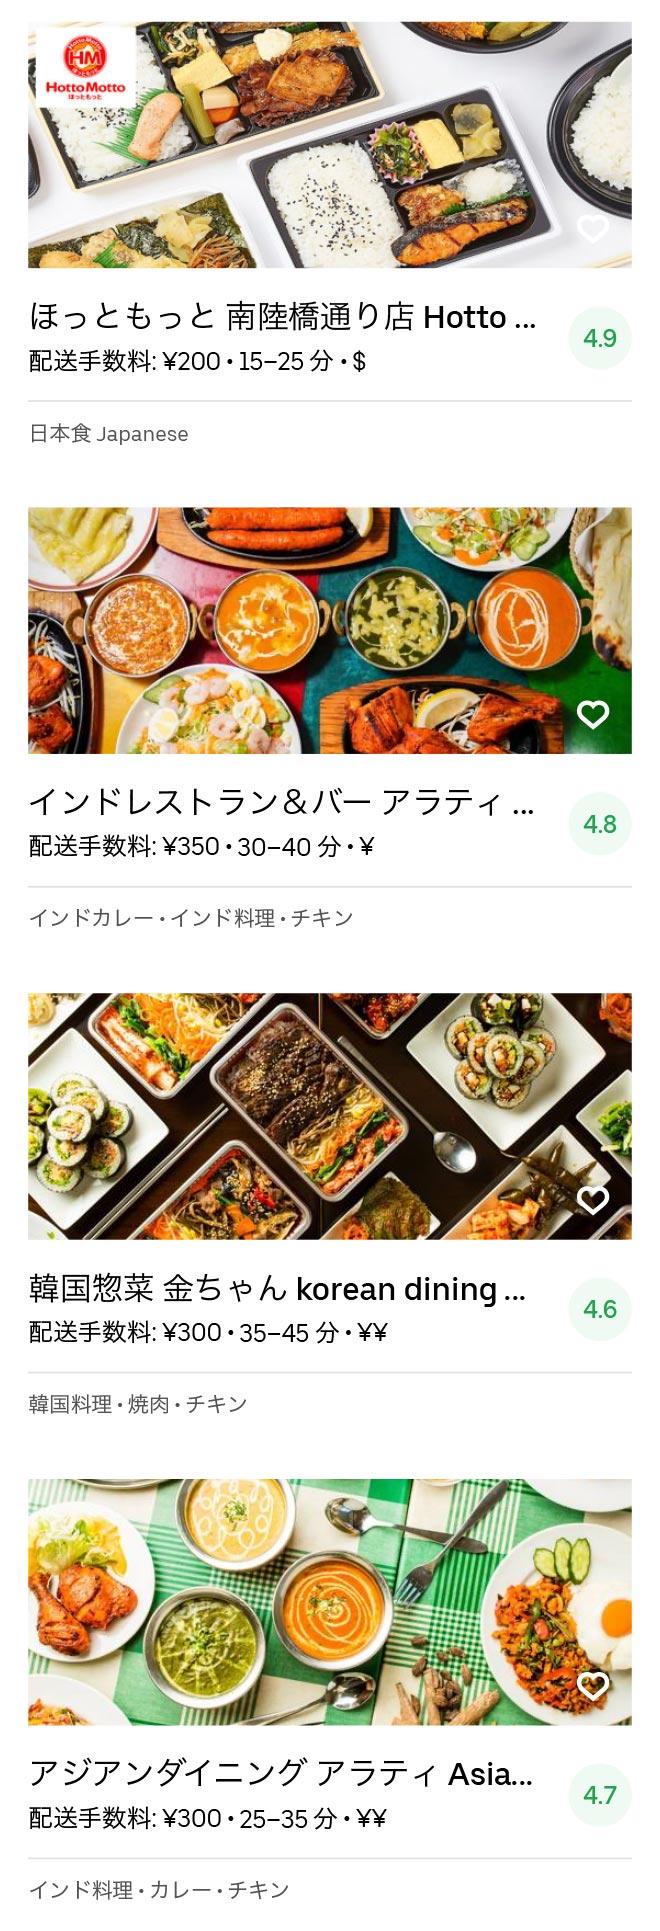 Saitama minami urawa menu 2006 07